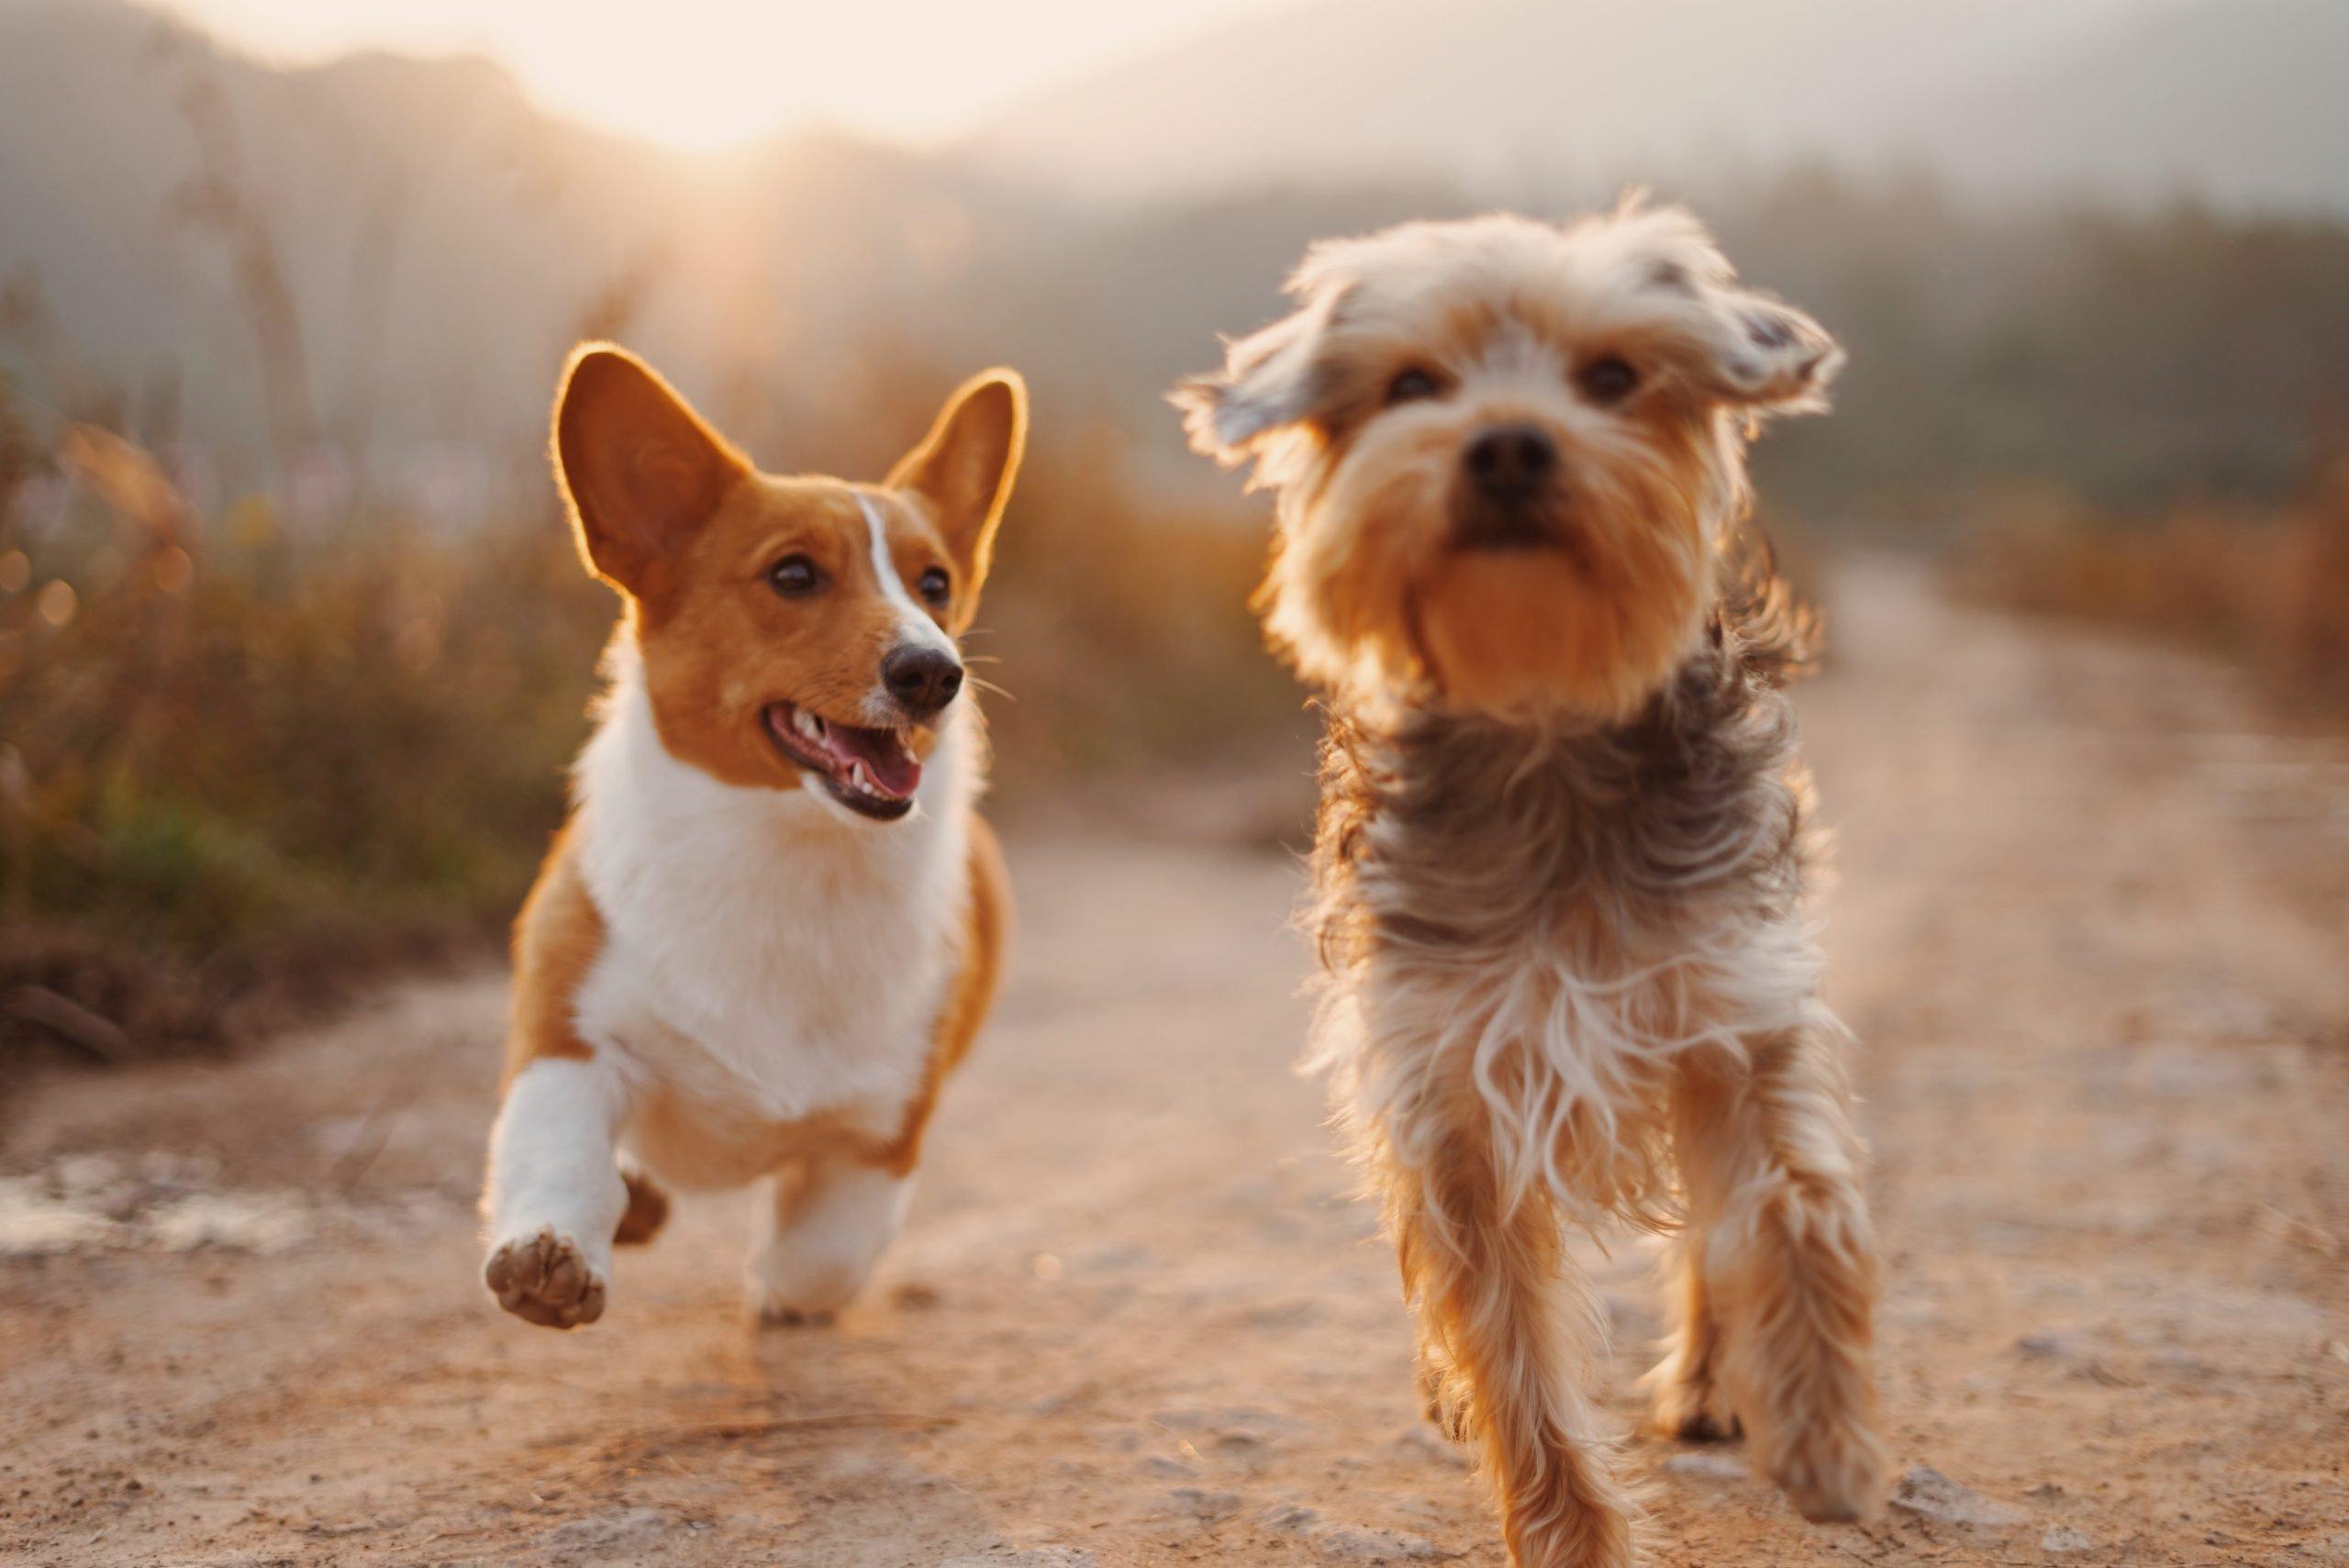 Dos perritos corriendo.